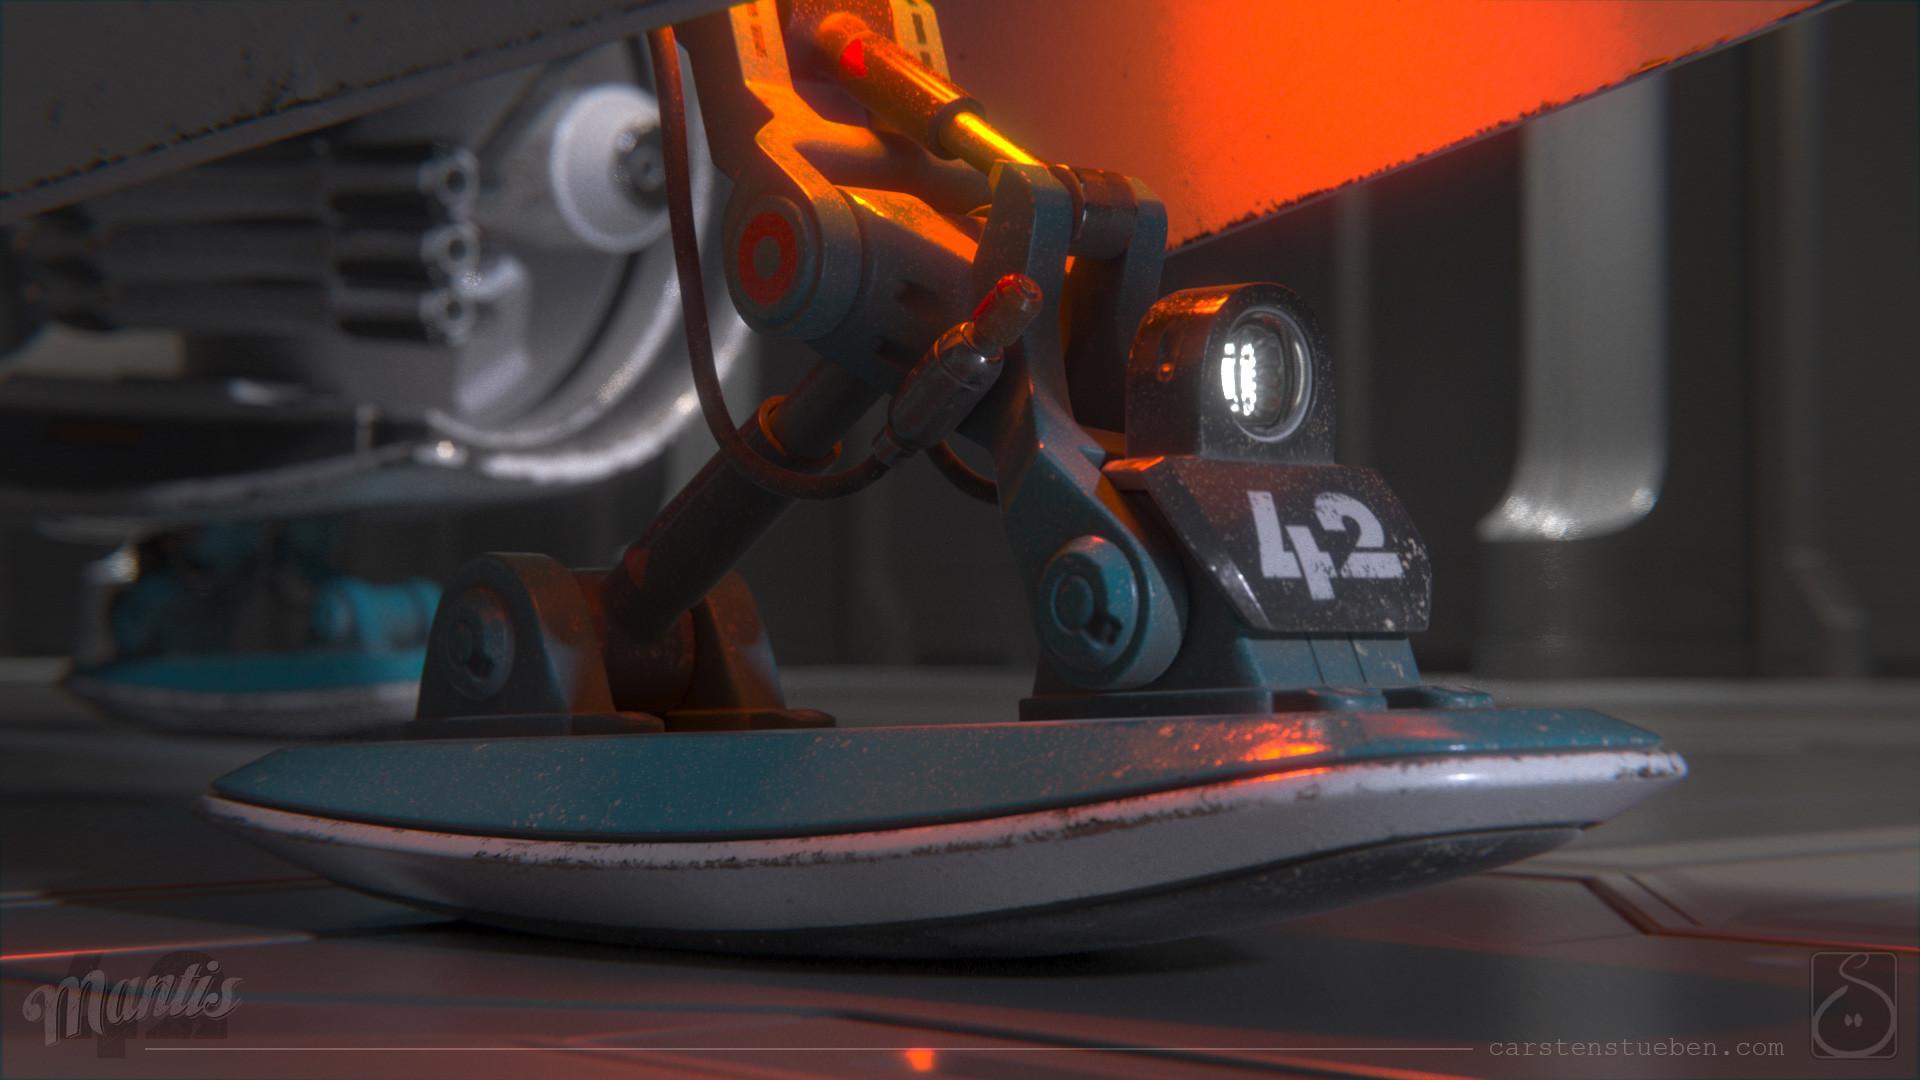 Carsten stueben thrust mantis42 landing gear